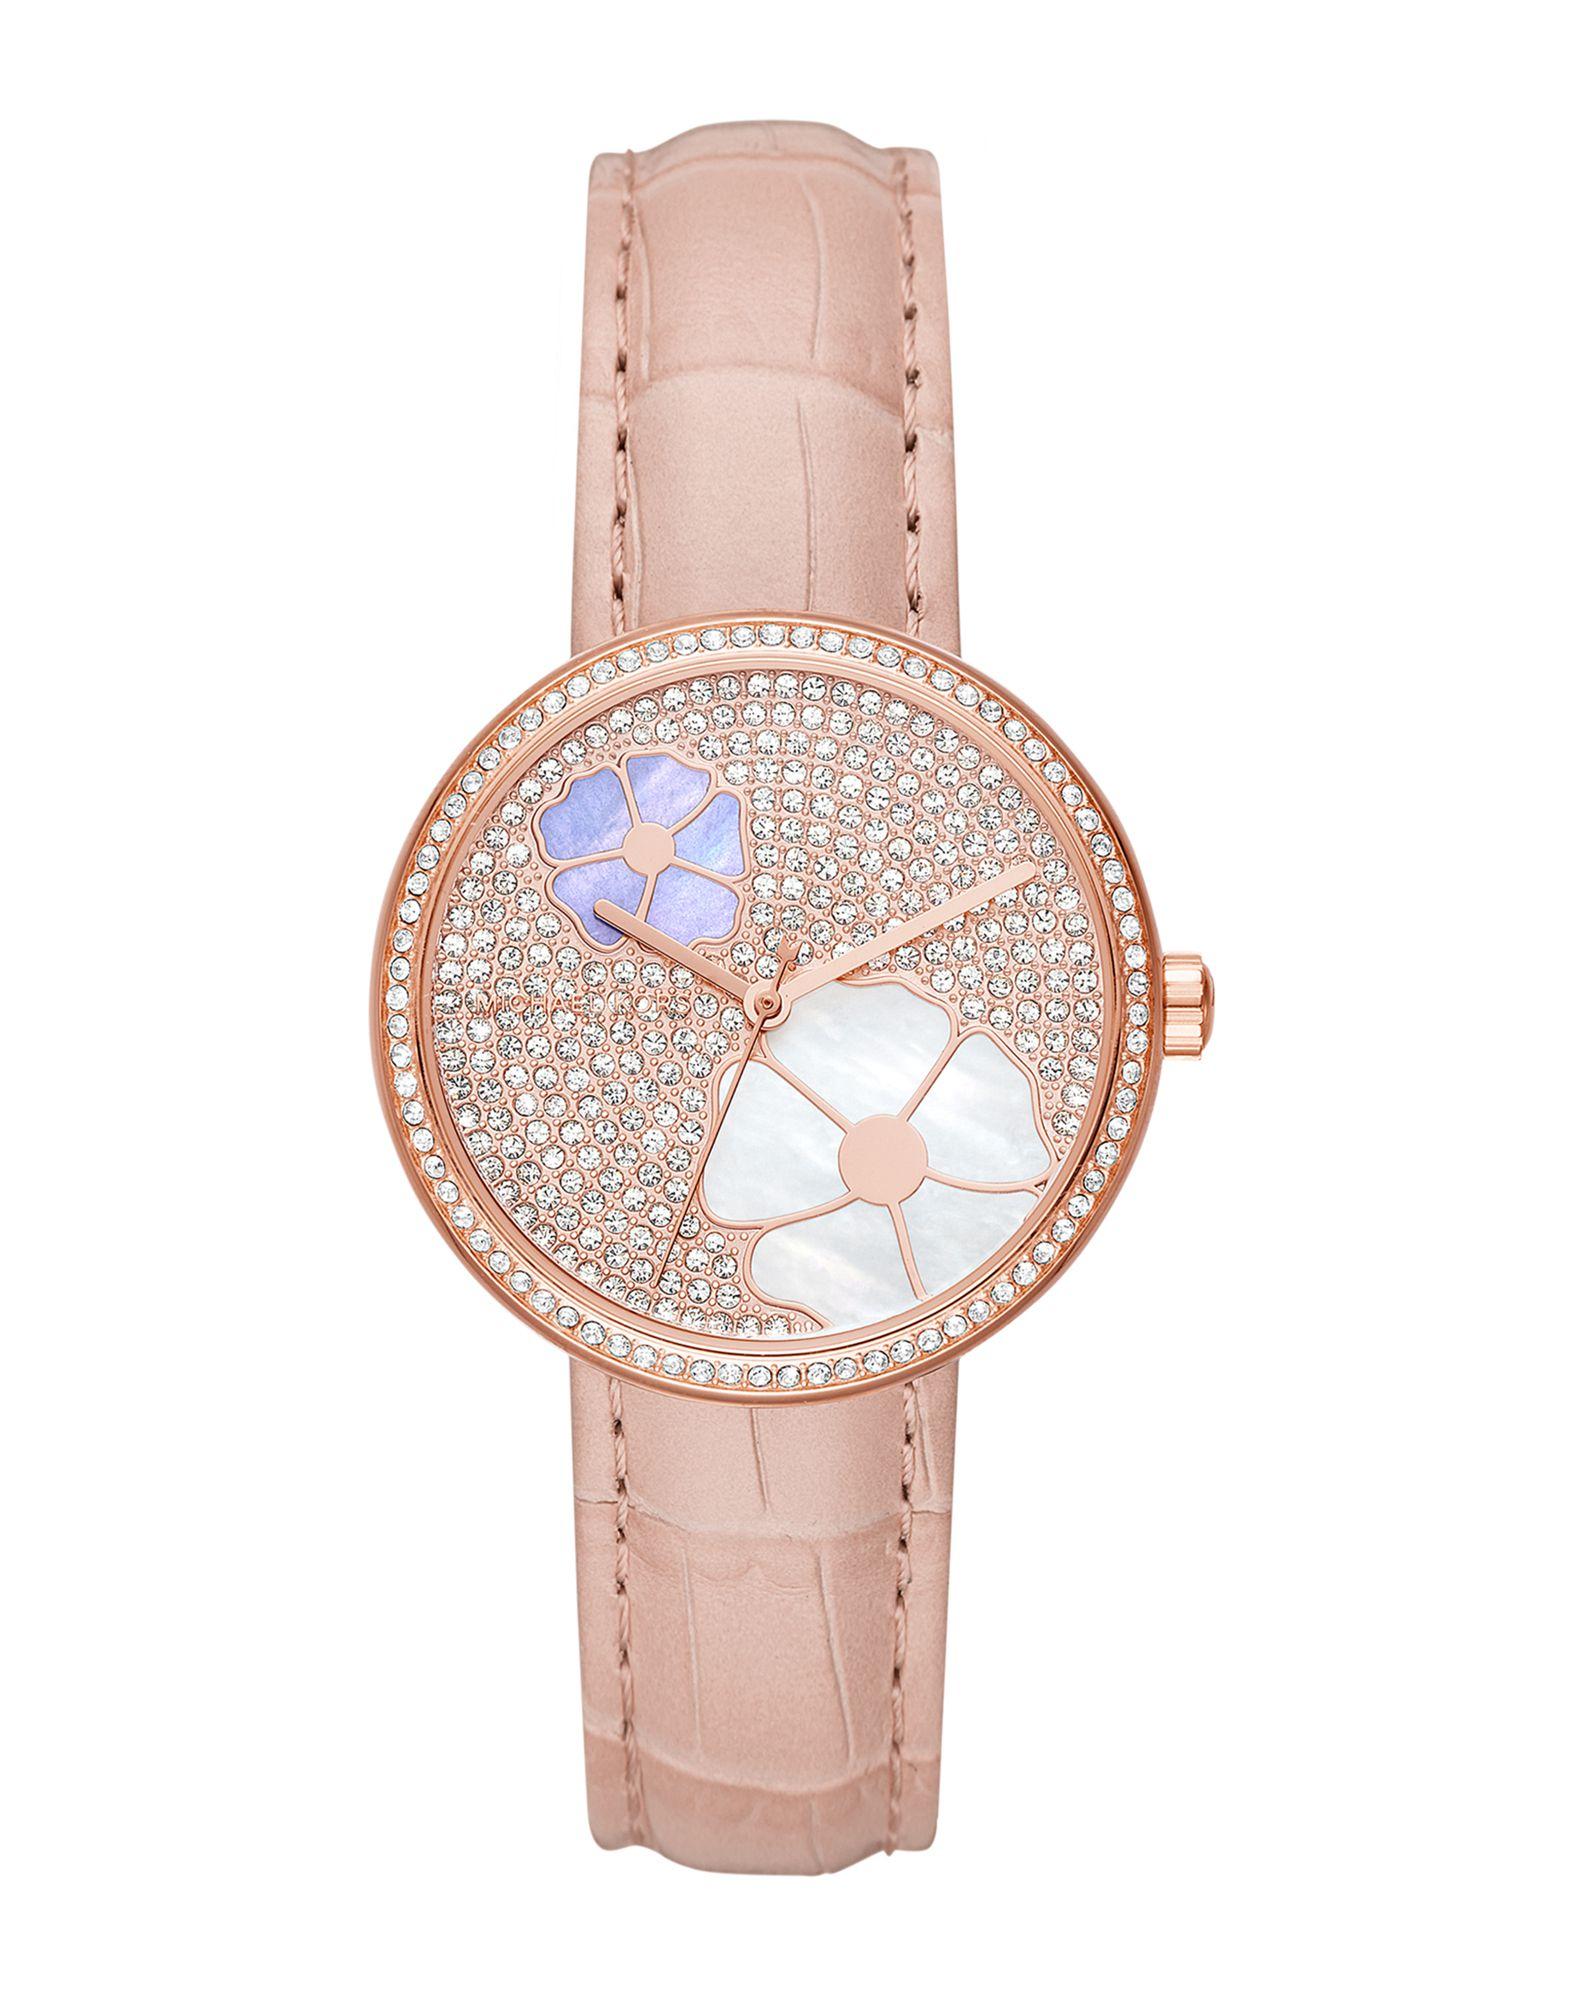 レディース MICHAEL KORS COURTNEY 腕時計 ライトピンク